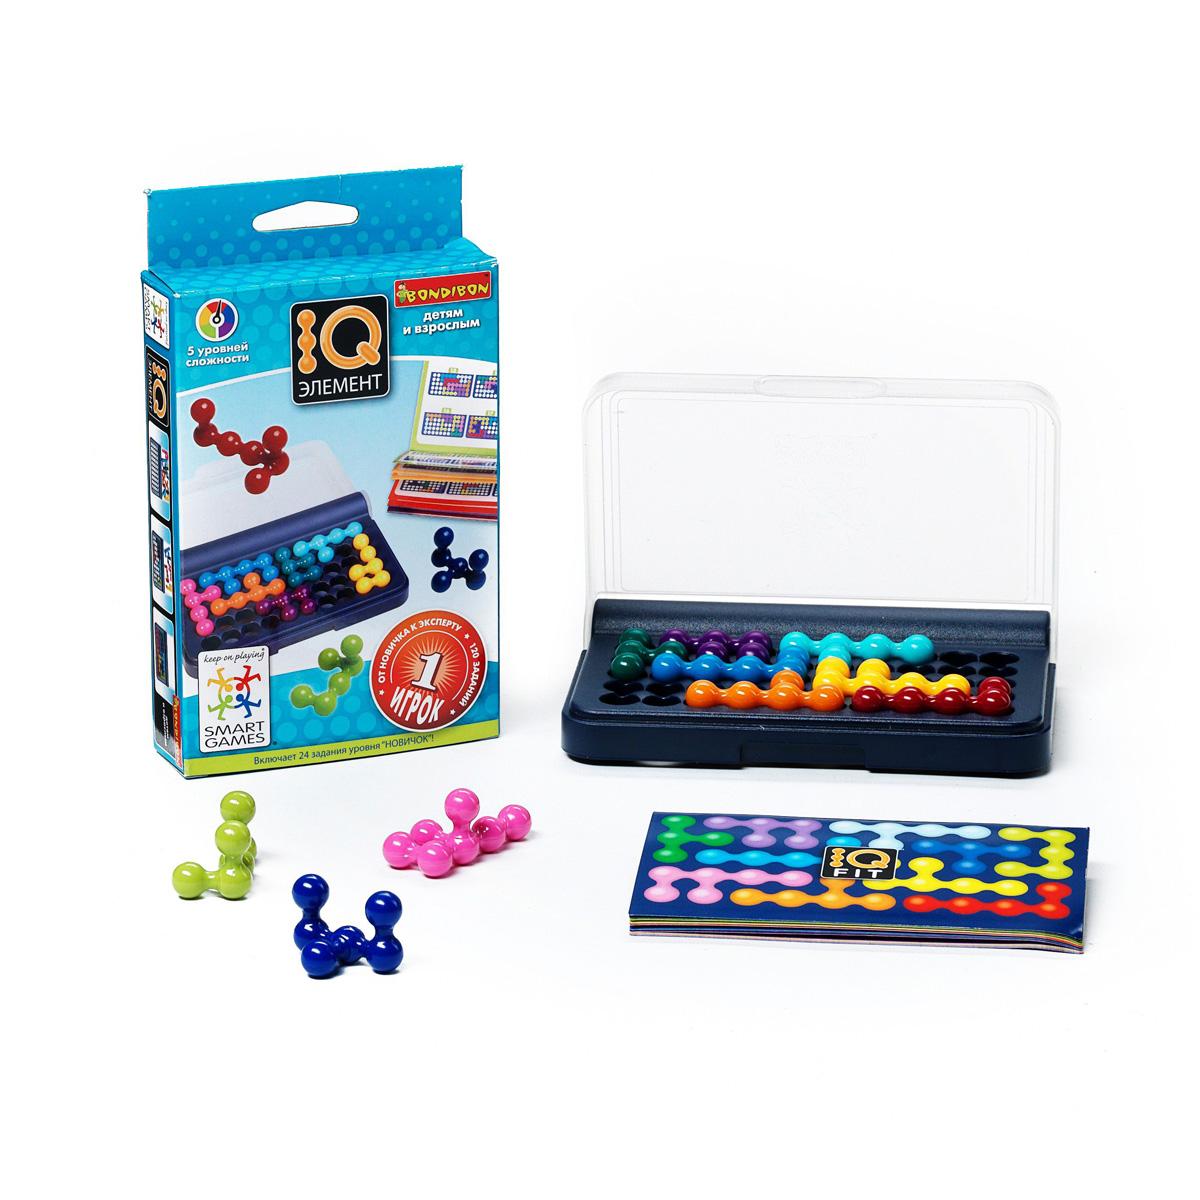 Логическая игра Bondibon SmartGames IQ-ЭлементВВ0941Логическая игра Bondibon SmartGames IQ-Элемент - отличное средство испытания аналитических способностей вас и ваших друзей! Благодаря тщательно продуманным правилам играть в нее может как ребенок, так и взрослый. Игра содержит 120 необыкновенно интересных логических задач, которые помогают повышать уровень IQ. Все 3D-детали головоломки необходимо расположить на игровом поле таким образом, чтобы получилось плоское двухмерное изображение. Игра имеет 5 уровней сложности. Уровень сложности каждого задания определяется количеством деталей, которые нужно расположить на игровом поле. В комплект входят: буклет со 120 заданиями с ответами, 10 цветных объемных деталей, игровая доска с отделением для хранения деталей. Удобная упаковка и компактный дизайн игры позволяет брать игру с собой и в офис, и в дорогу, и на отдых. Логическая игра Bondibon SmartGames IQ-Элемент - игра, расширяющая интеллектуальные возможности в любом возрасте. Помимо развития собственного...